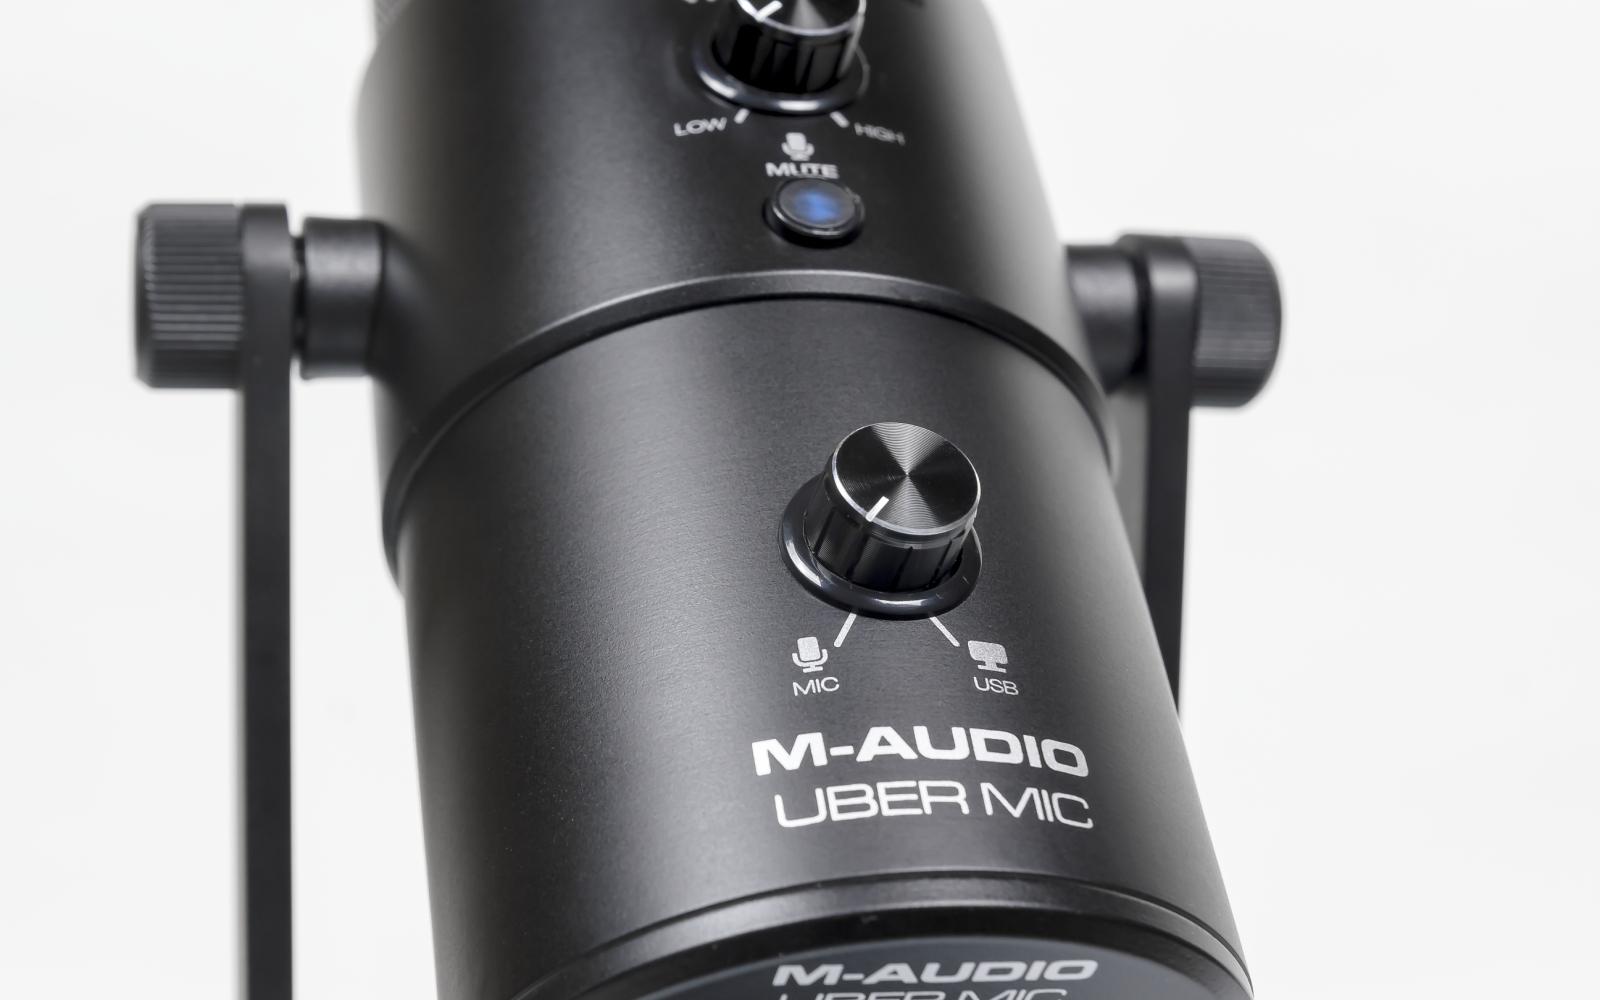 M-Audio Uber Mic — конденсаторный USB стерео микрофон для блогеров,  стримеров и музыкантов | ProSound